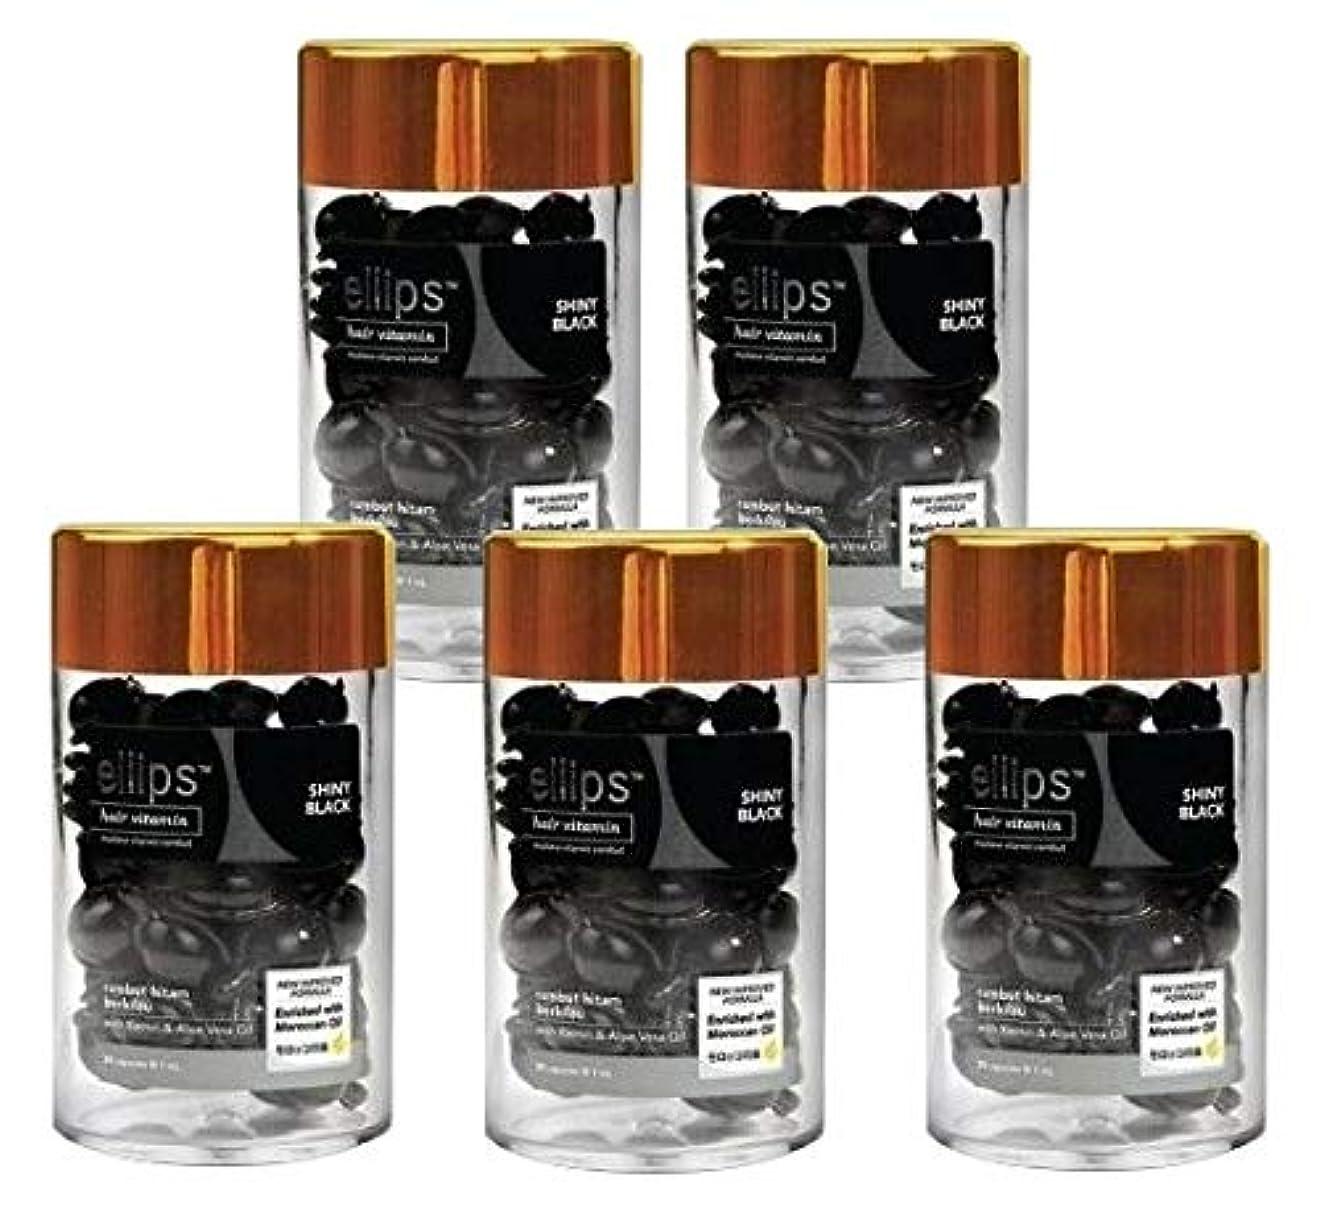 クランシー農夫あえぎエリップス ellips ヘアビタミン ヘアトリートメント 50粒 ボトル ブラック お得な5本セット [並行輸入品]